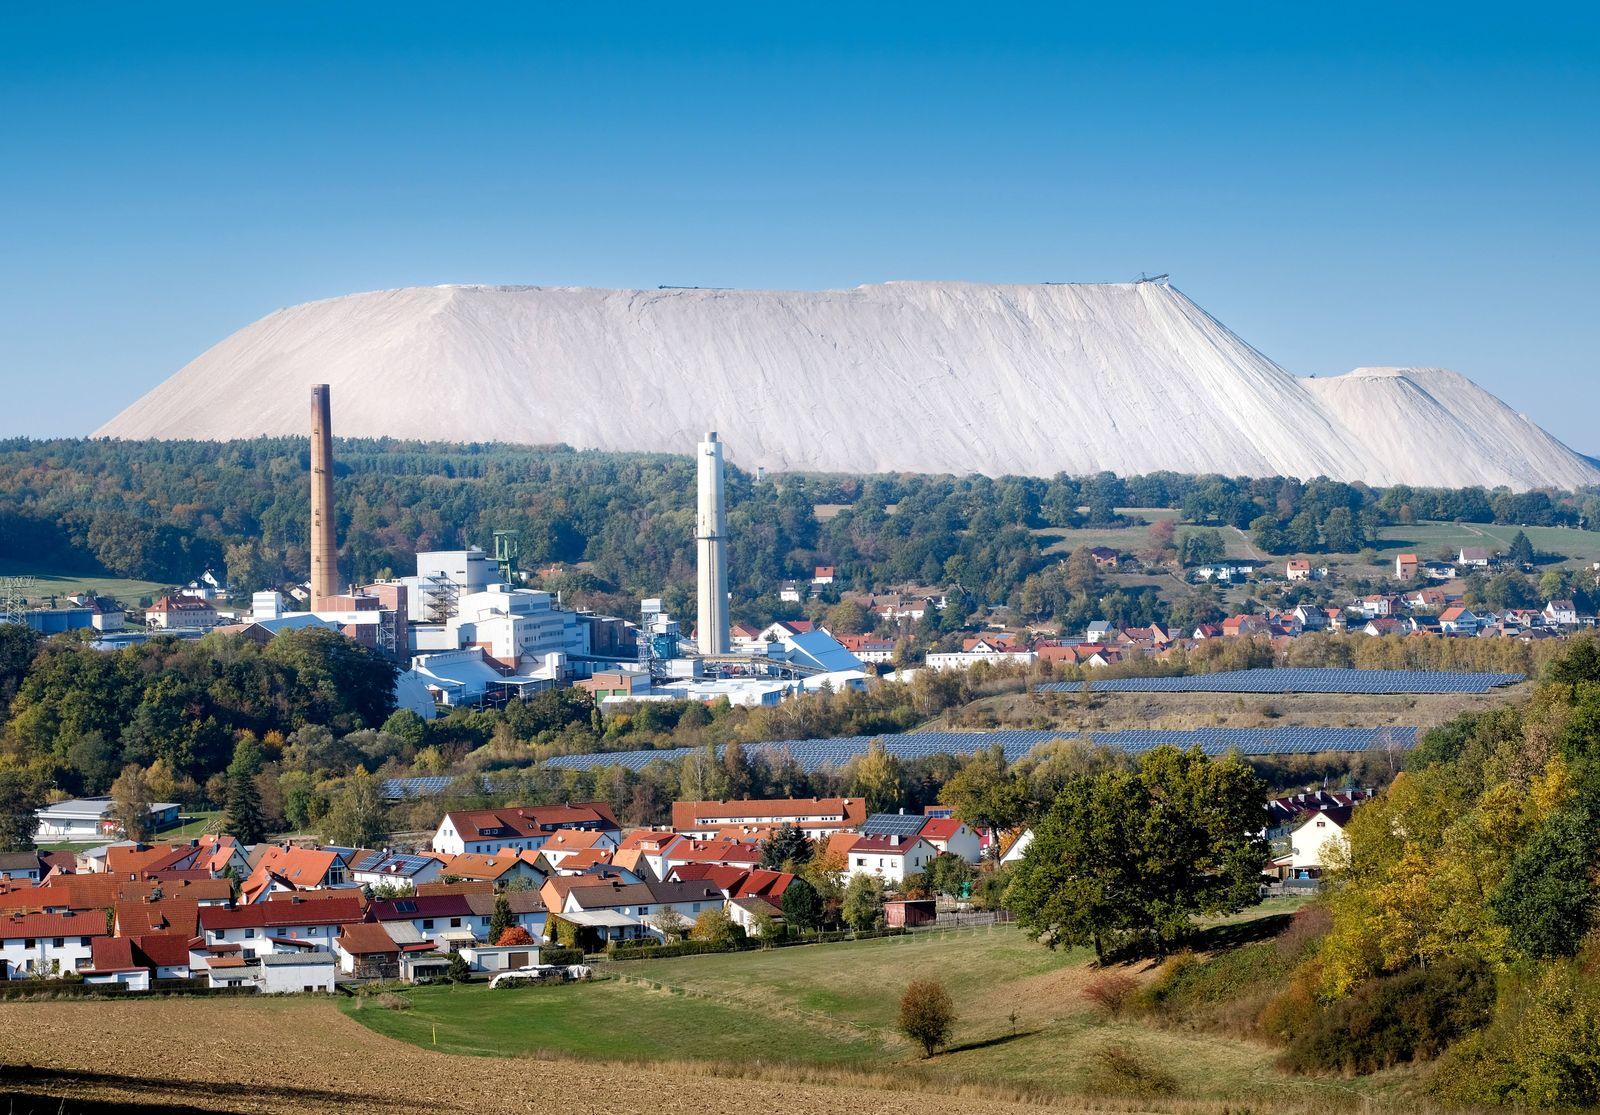 Kaliwerk und Abraumhalde des Unternehmens K+S KALI GmbH Werk Werra Standort Unterbreizbach Thürin